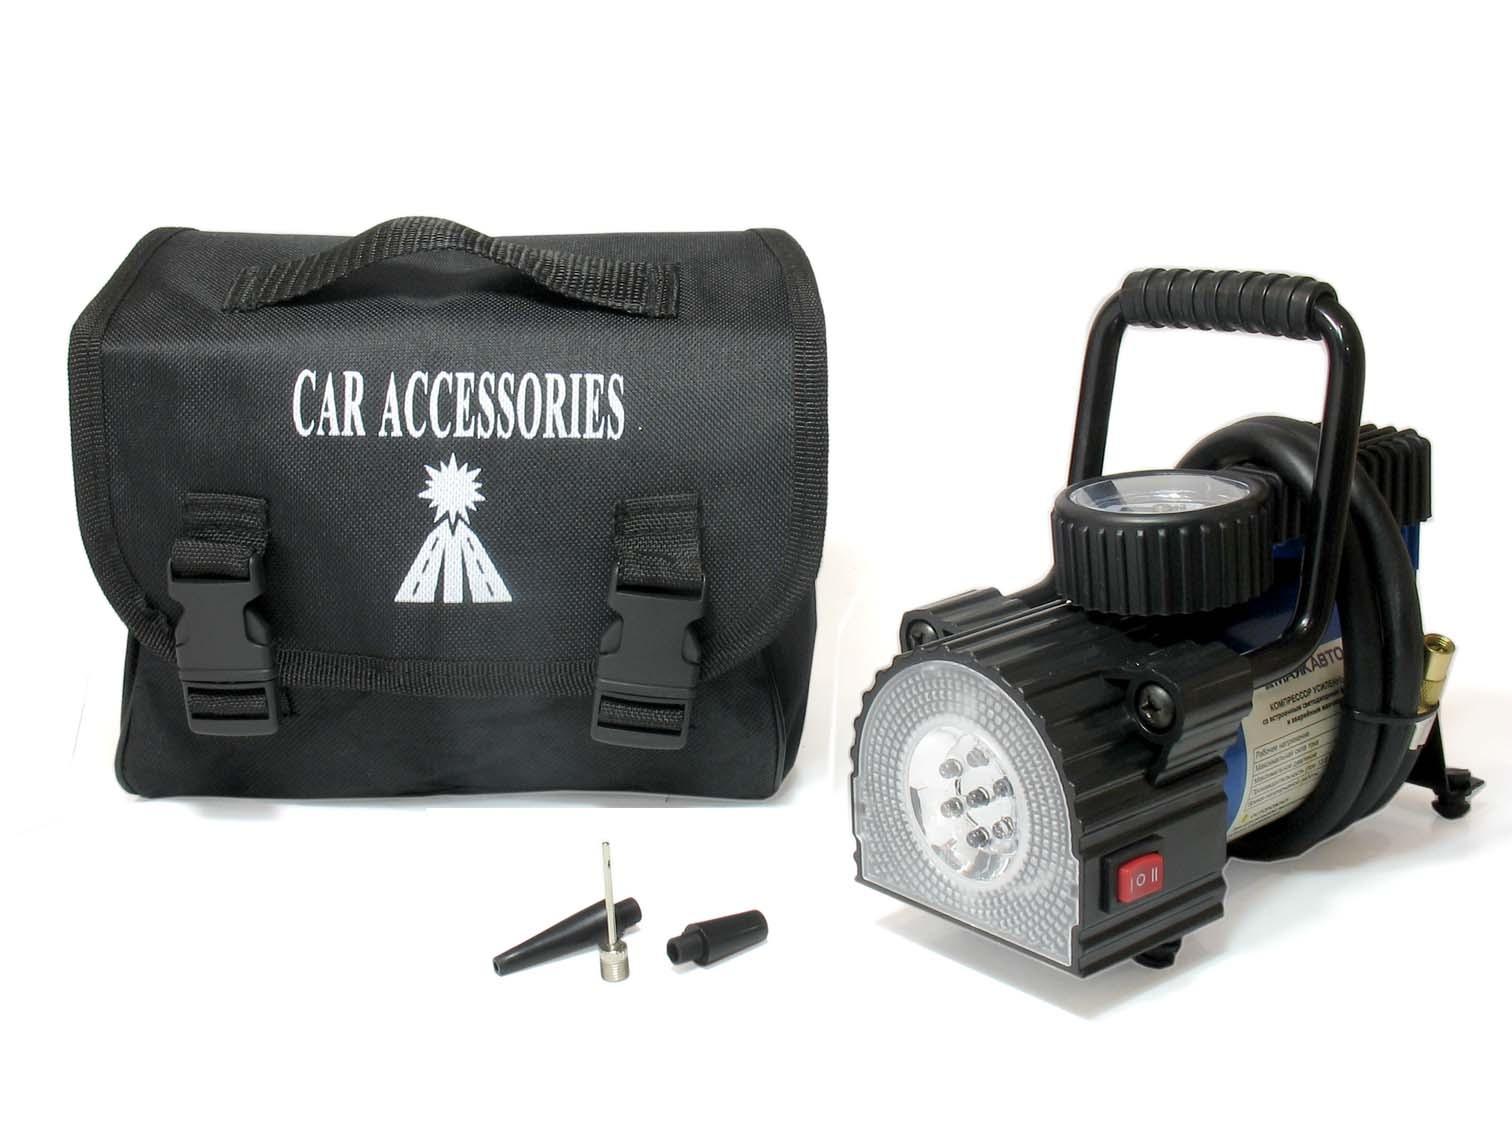 Автомобильный компрессор МАЯКАВТО AC587МА, 35 л/м, LED фонарь автомобильный компрессор autoluxe компрессор с фонарем мистраль серый черно серый